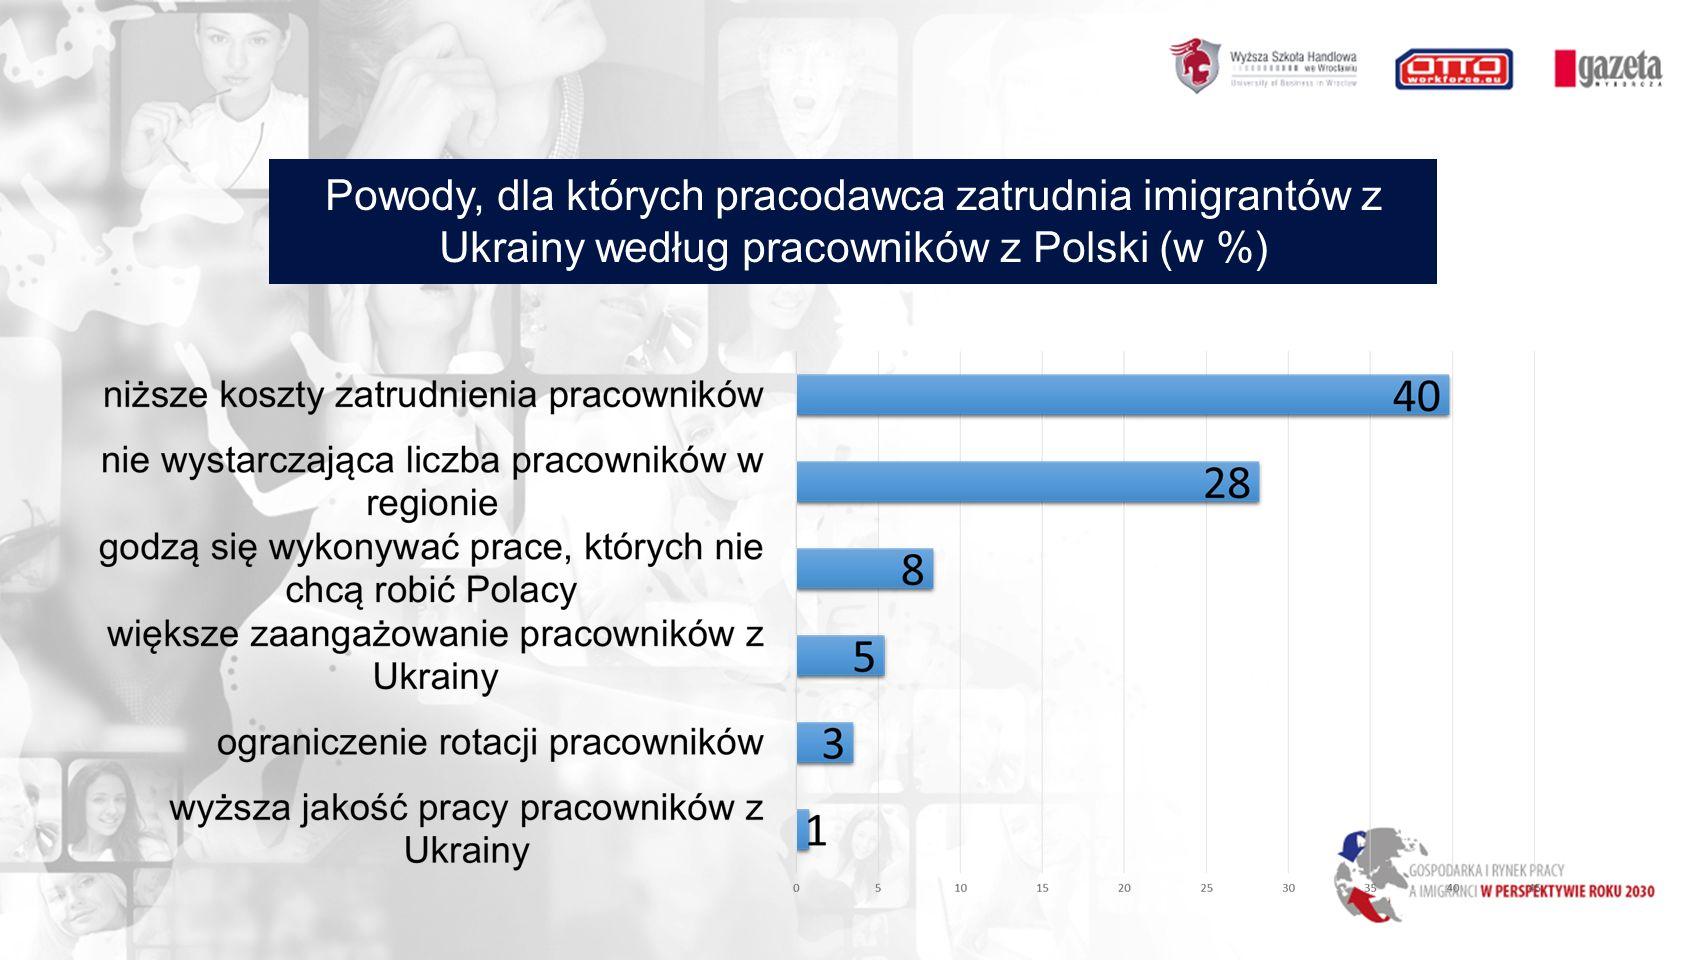 Powody, dla których pracodawca zatrudnia imigrantów z Ukrainy według pracowników z Polski (w %)